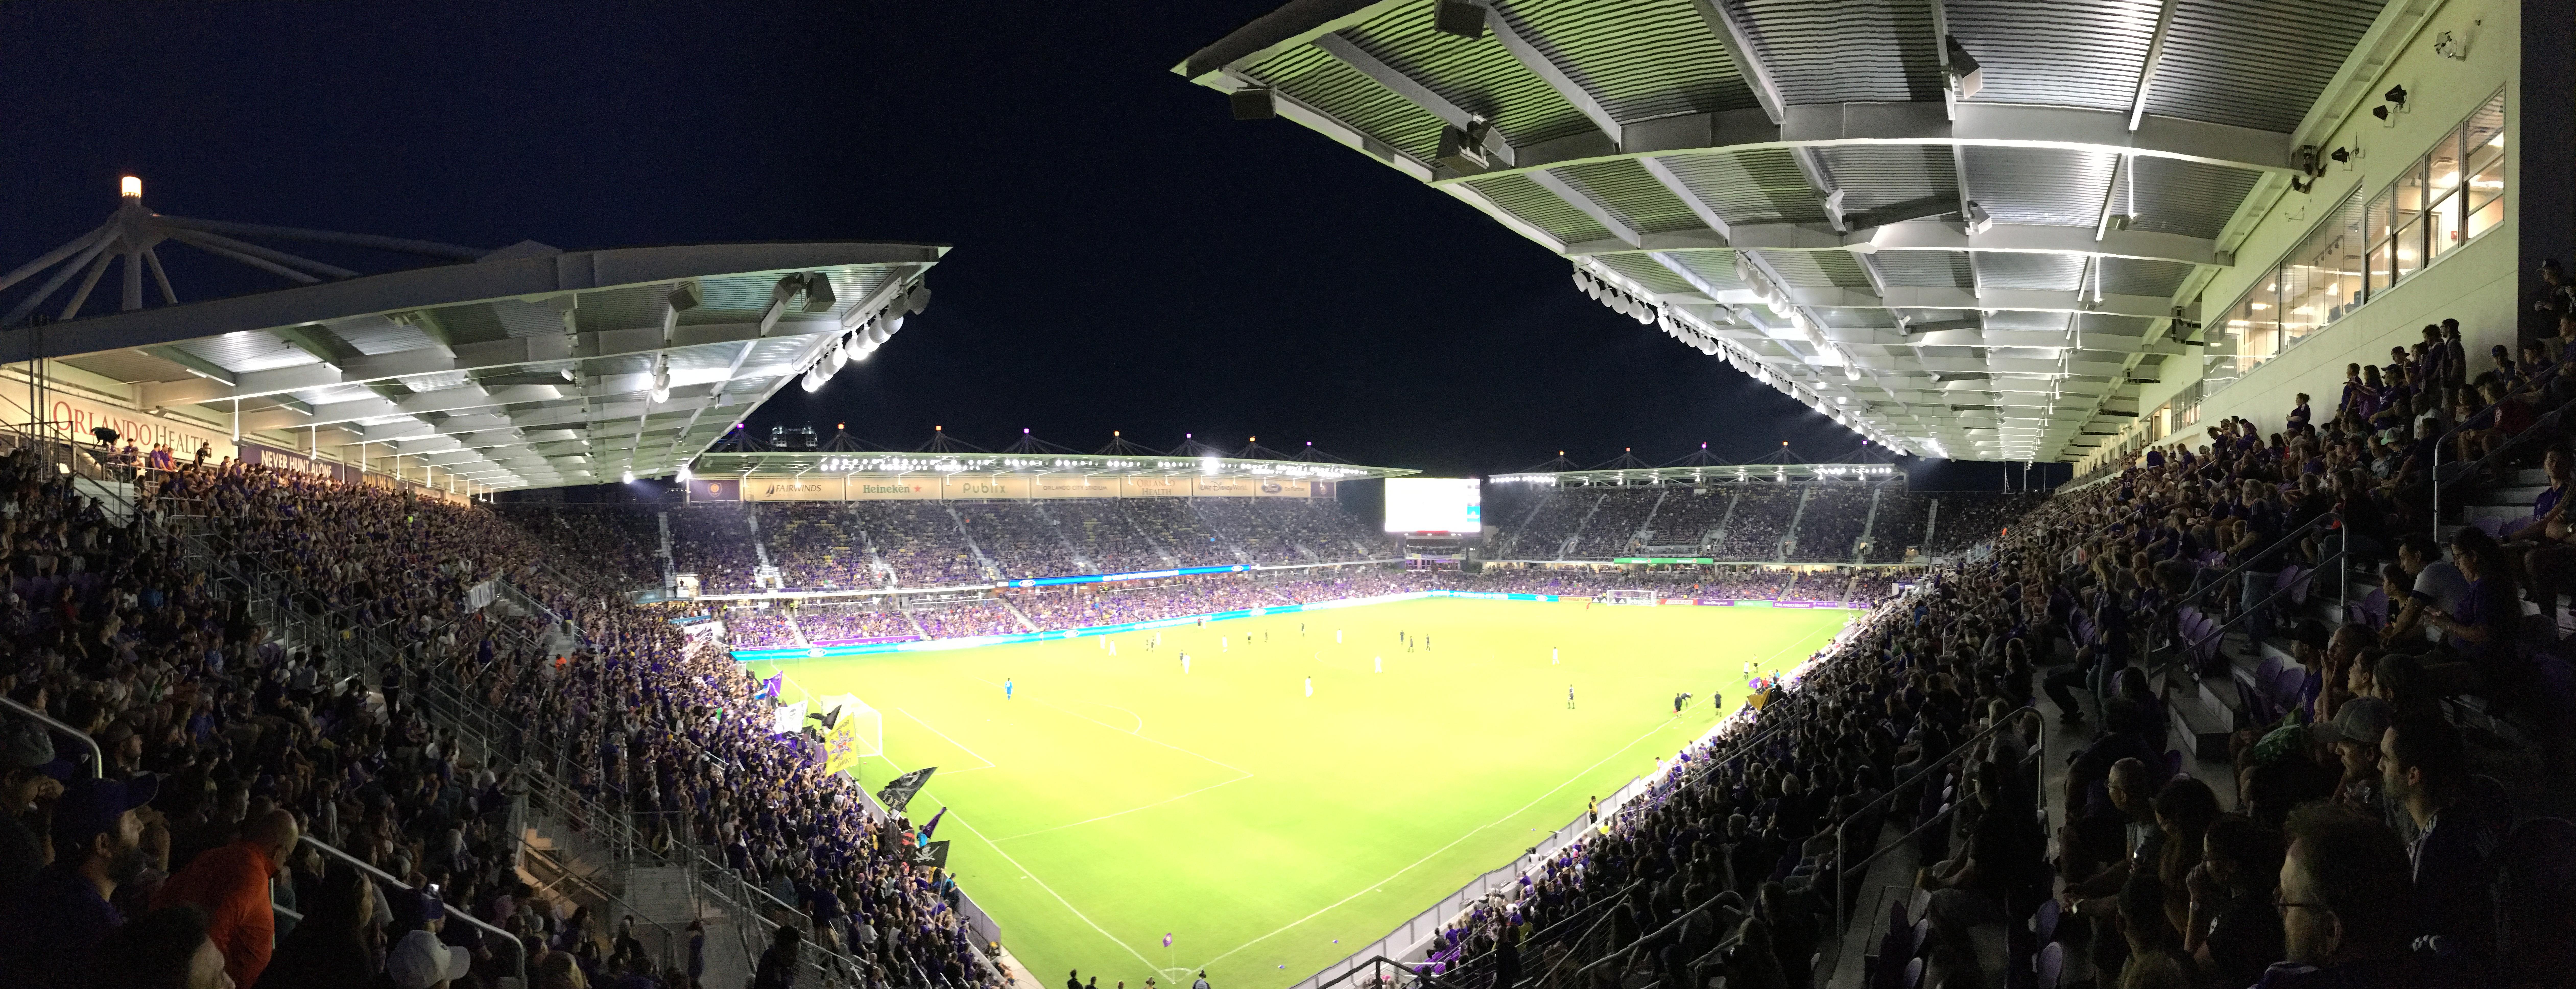 Soccer specific stadium